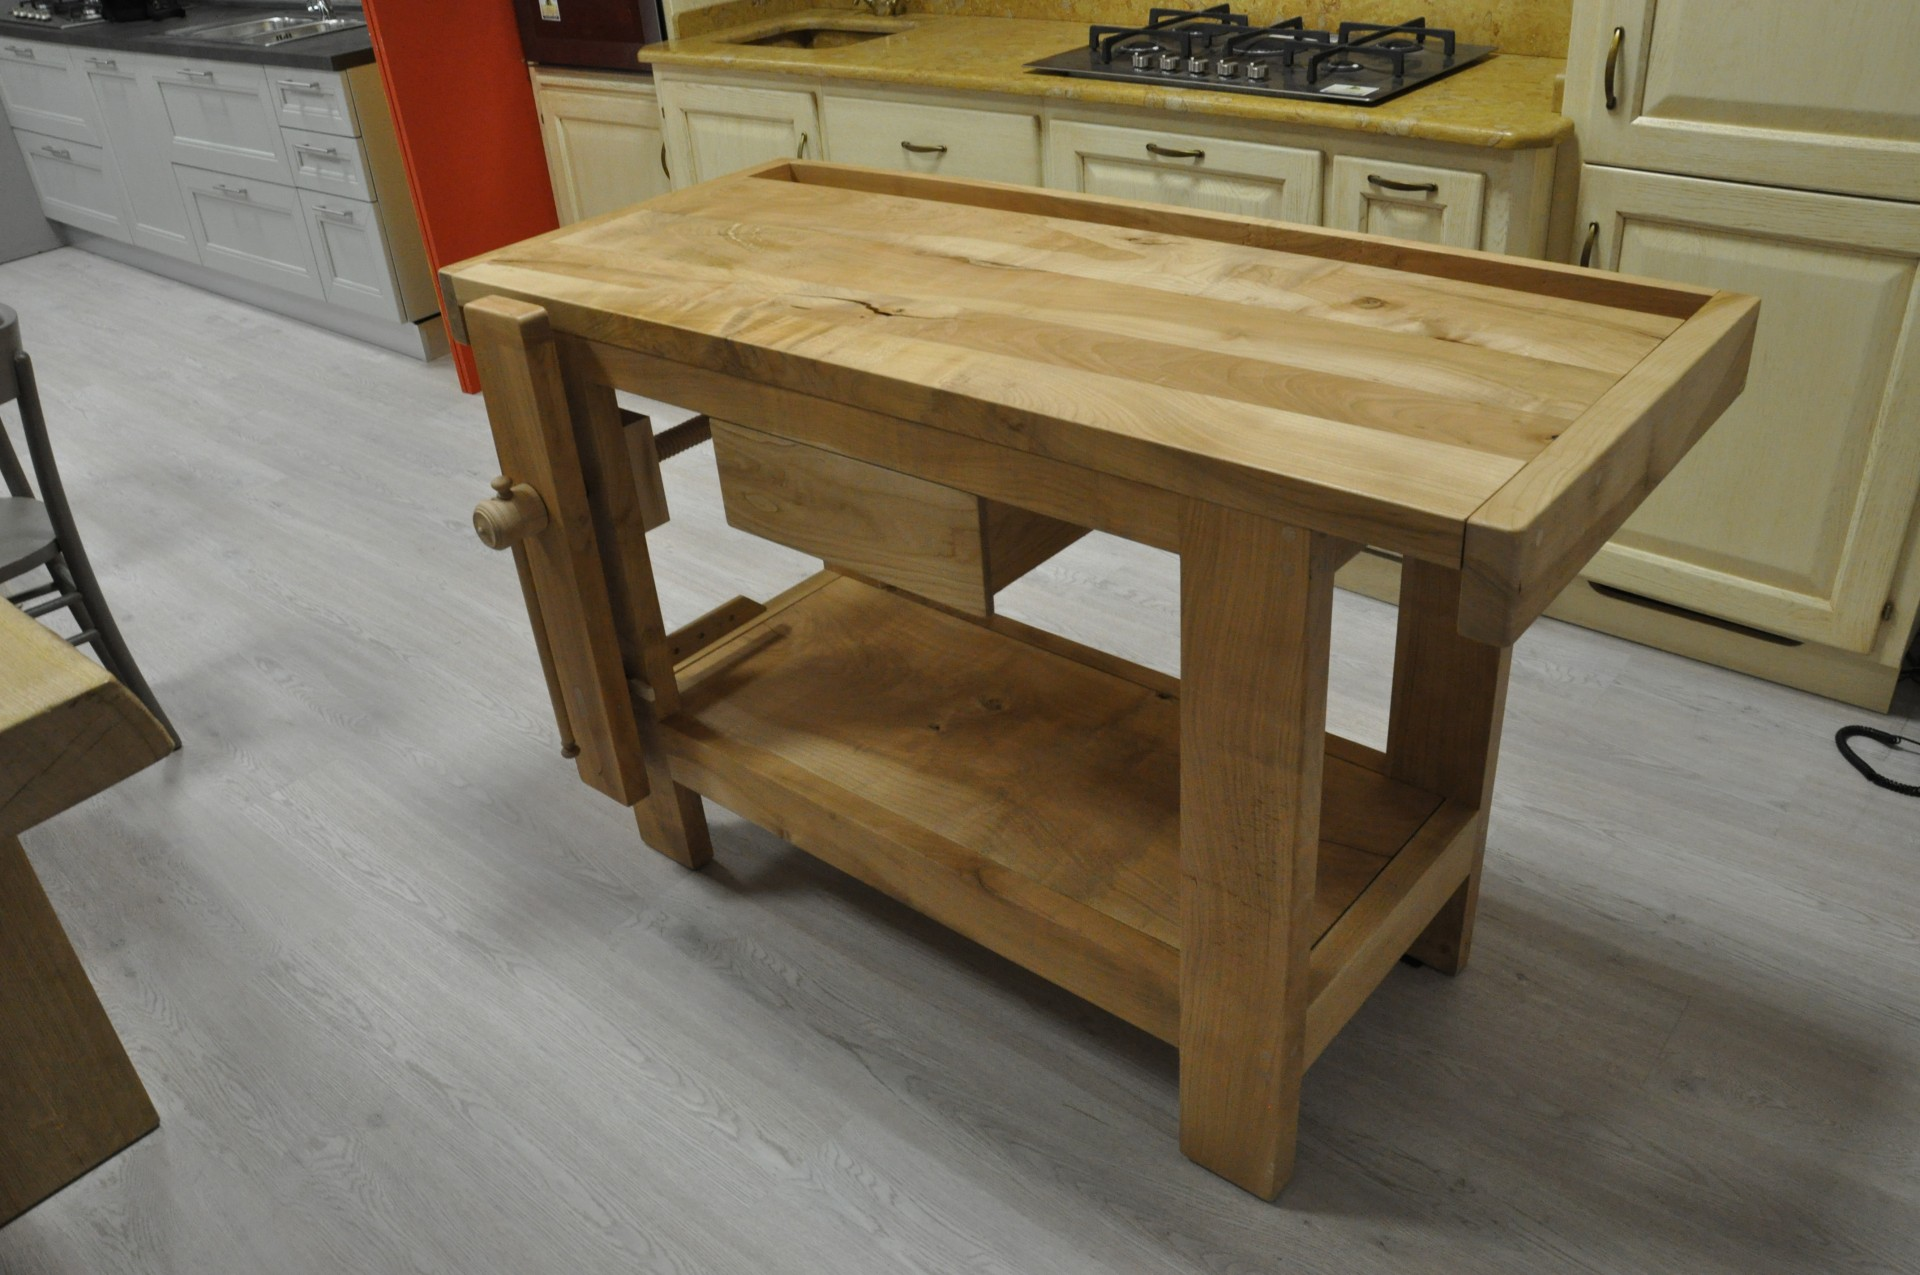 tavoli in legno naturale | fadini mobili cerea verona - Tavolino Cucina